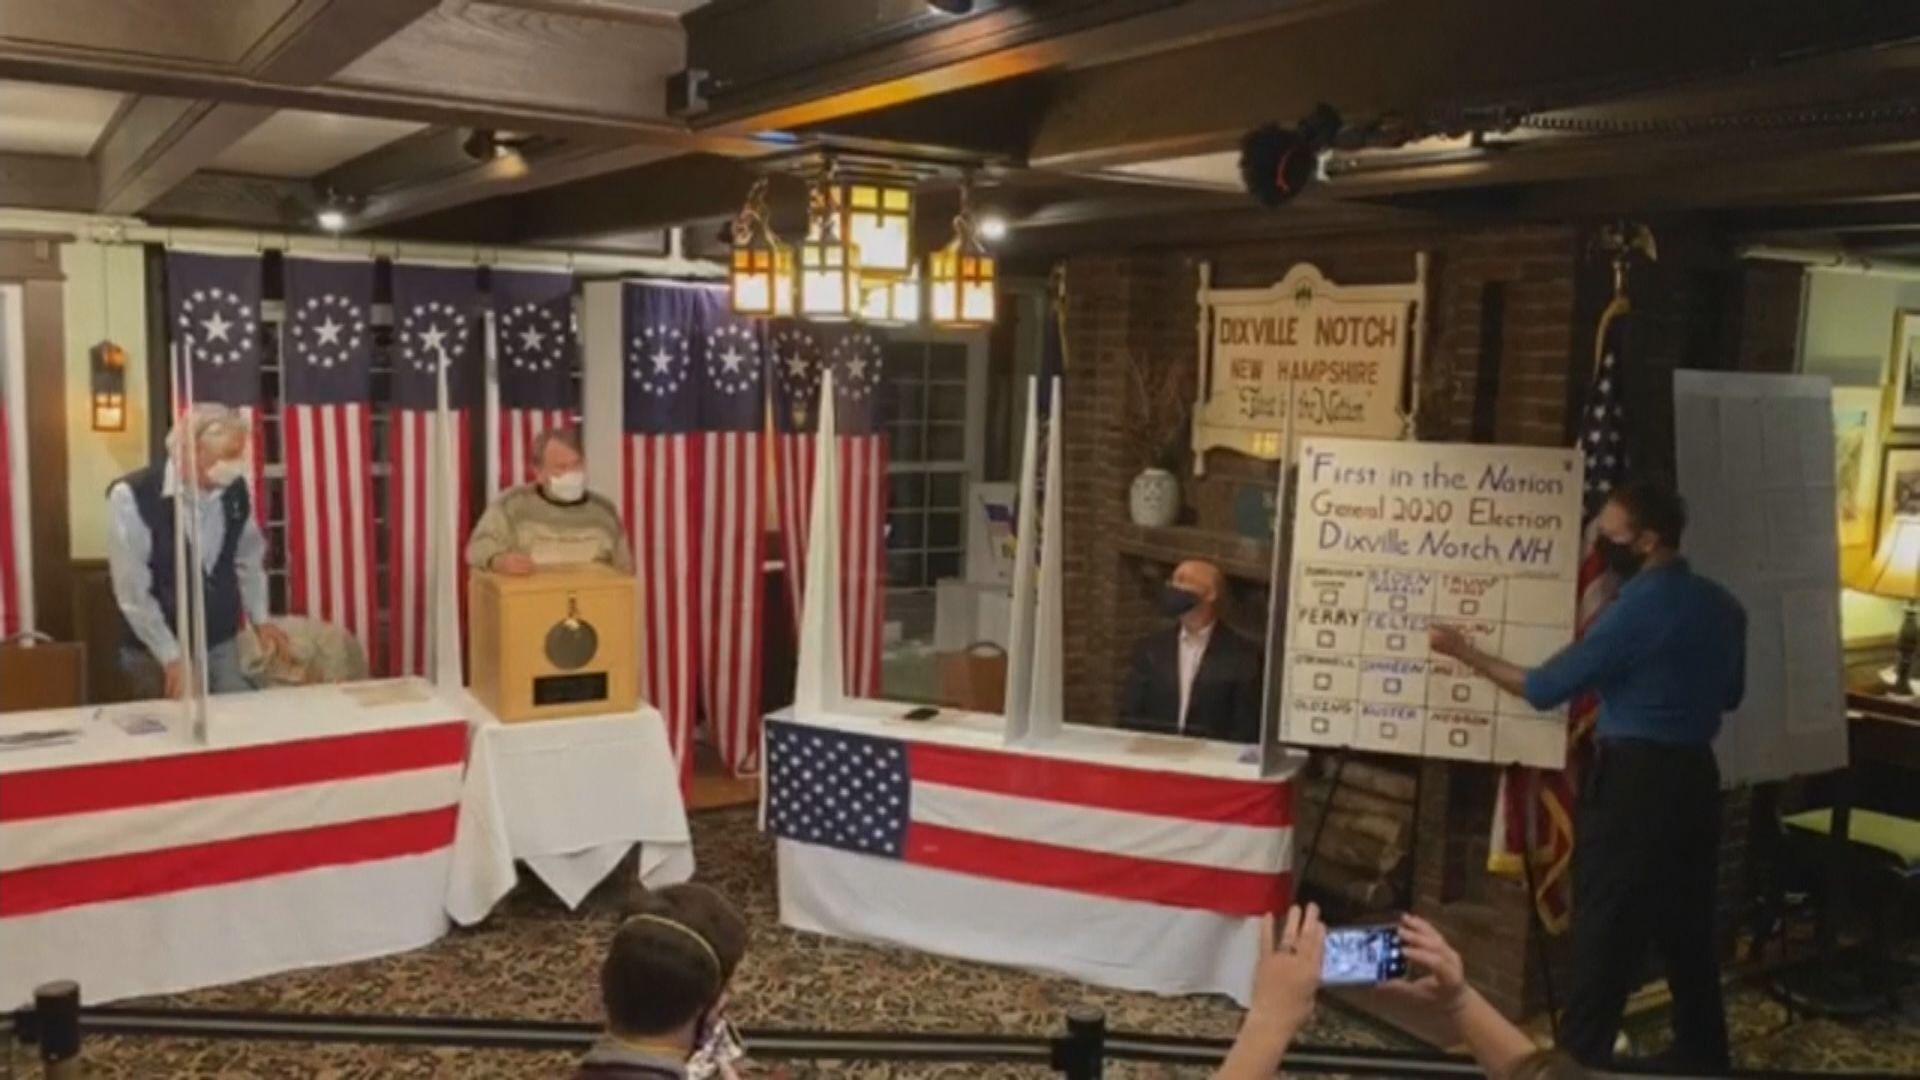 美國總統選舉開始投票 特朗普拜登在兩小鎮互有勝負